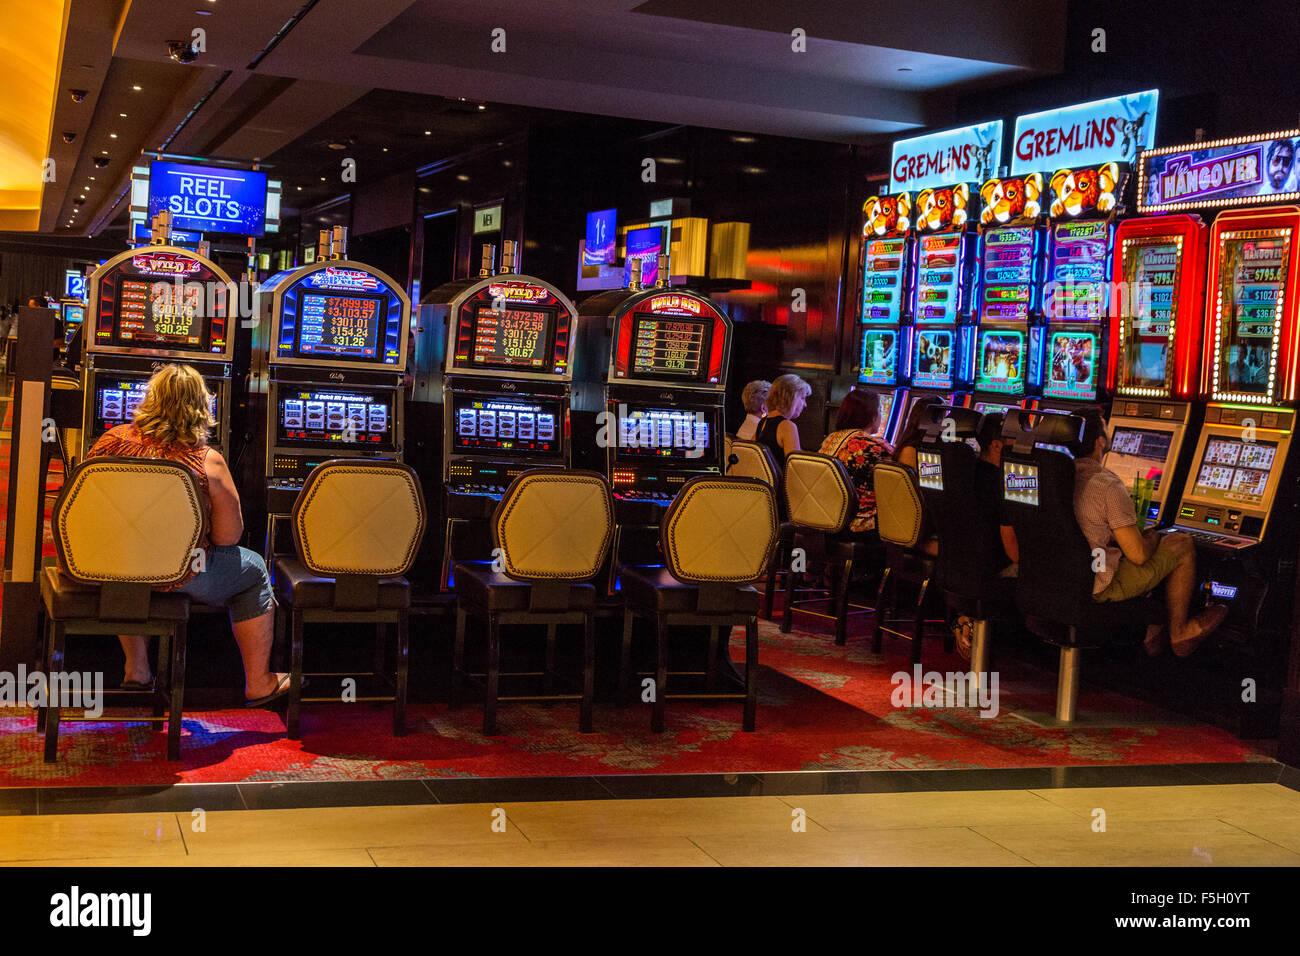 bijouterie centre commercial geant casino aix en provence